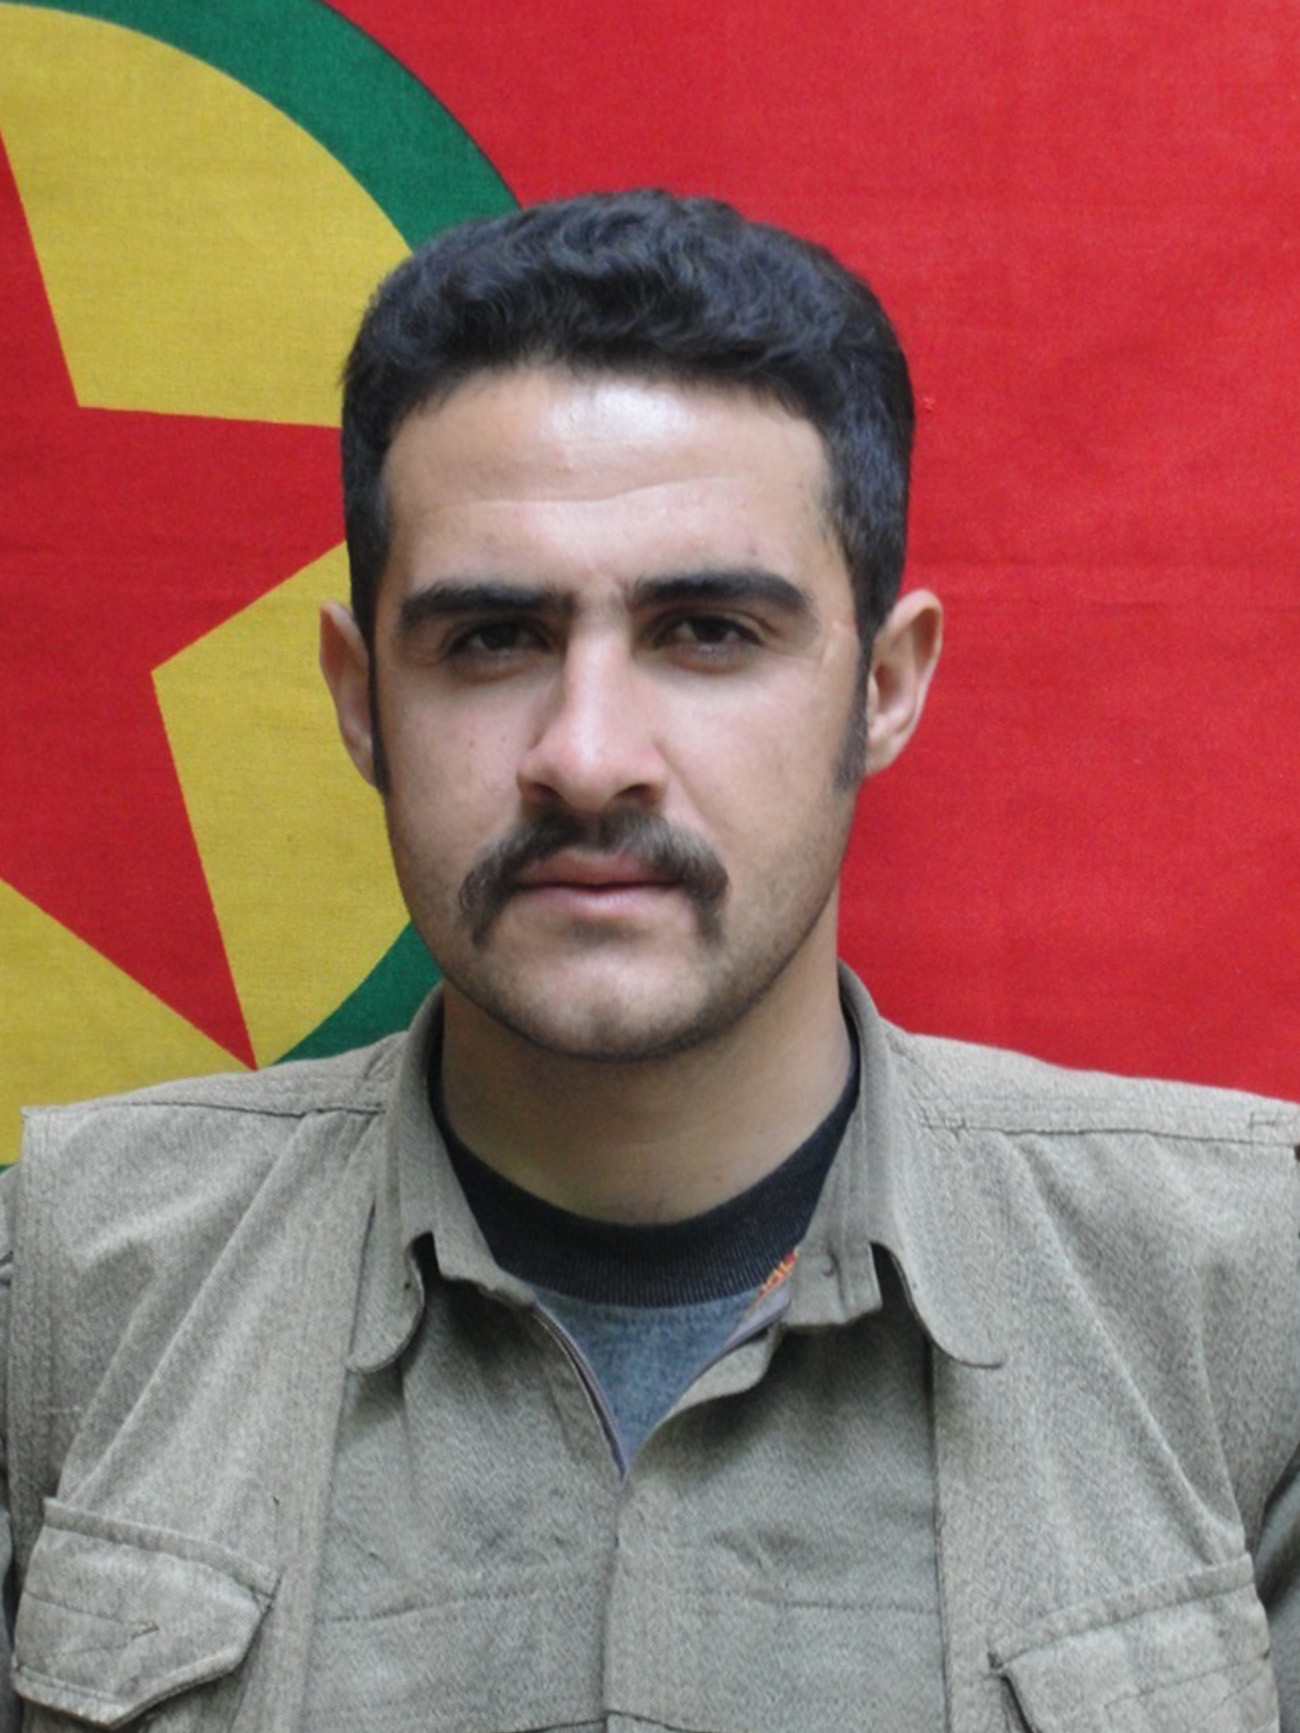 https://www.hawarnews.com/tr/uploads/files/2020/03/14/083015_serdar-kandil.jpg